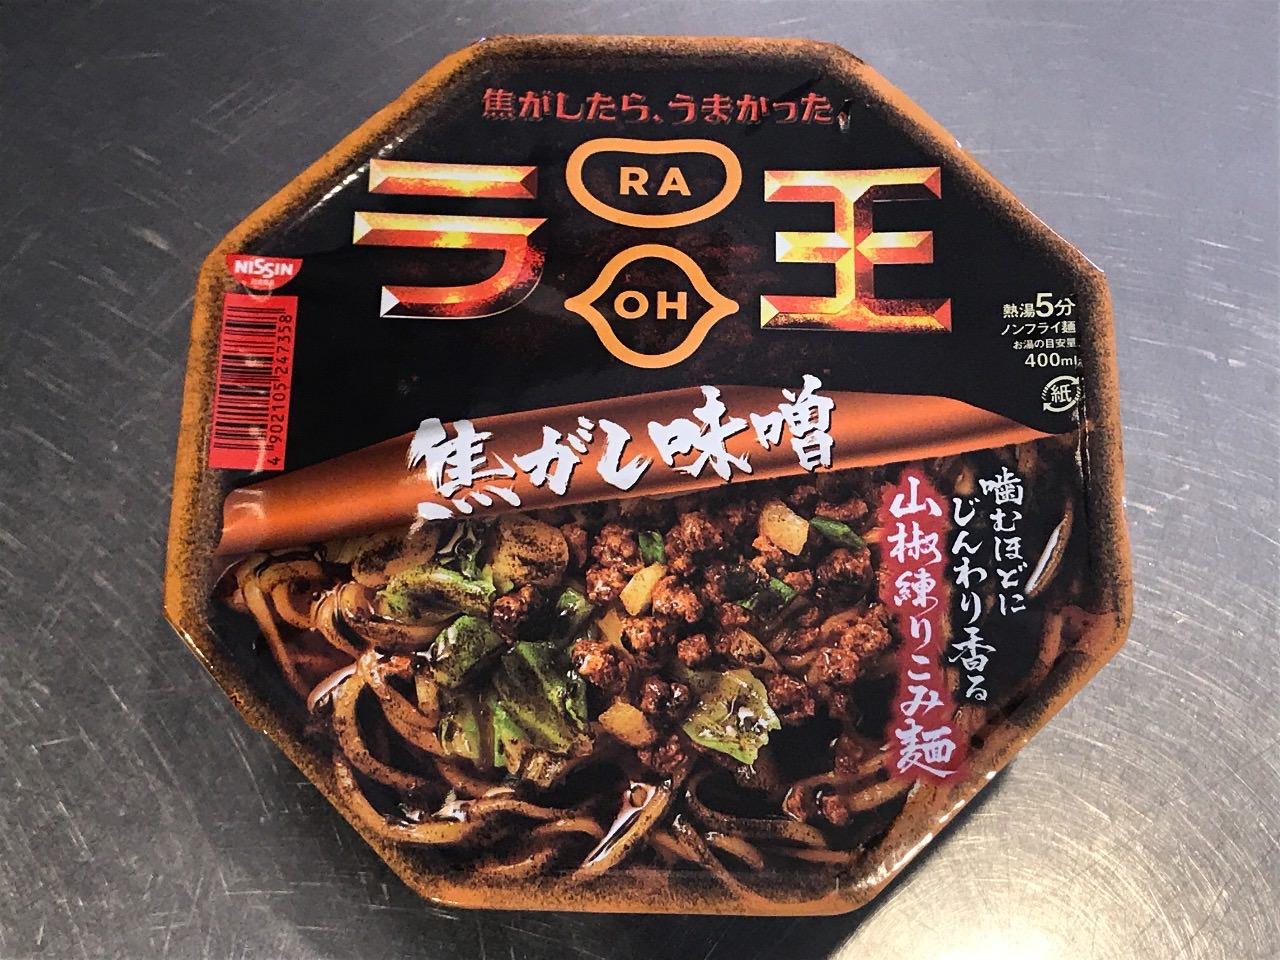 「ラ王 焦がし味噌」焦がしニンニク油に山椒練り込み麺が美味い!【感想】